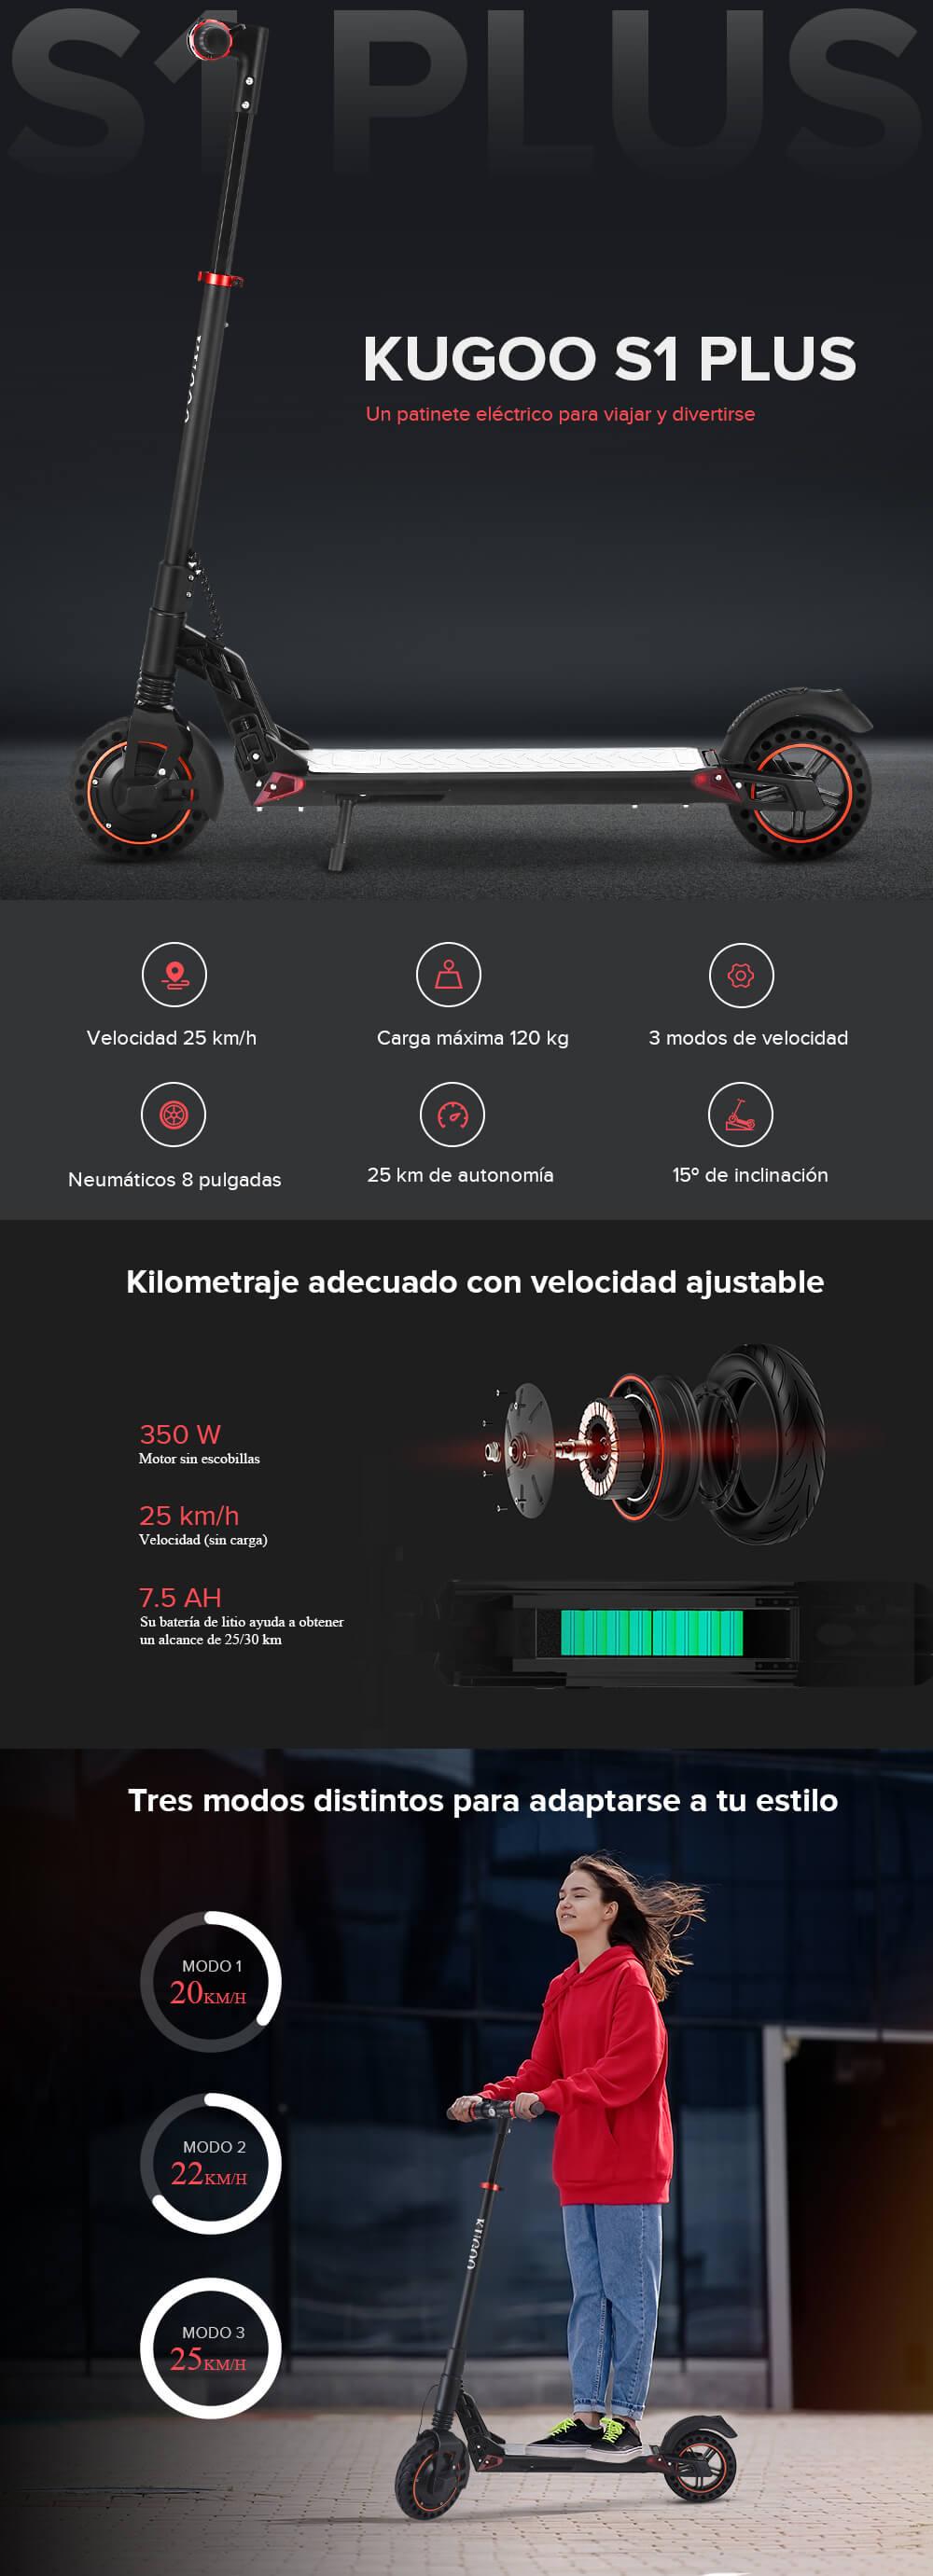 oferta Kugoo S1 Plus al mejor precio